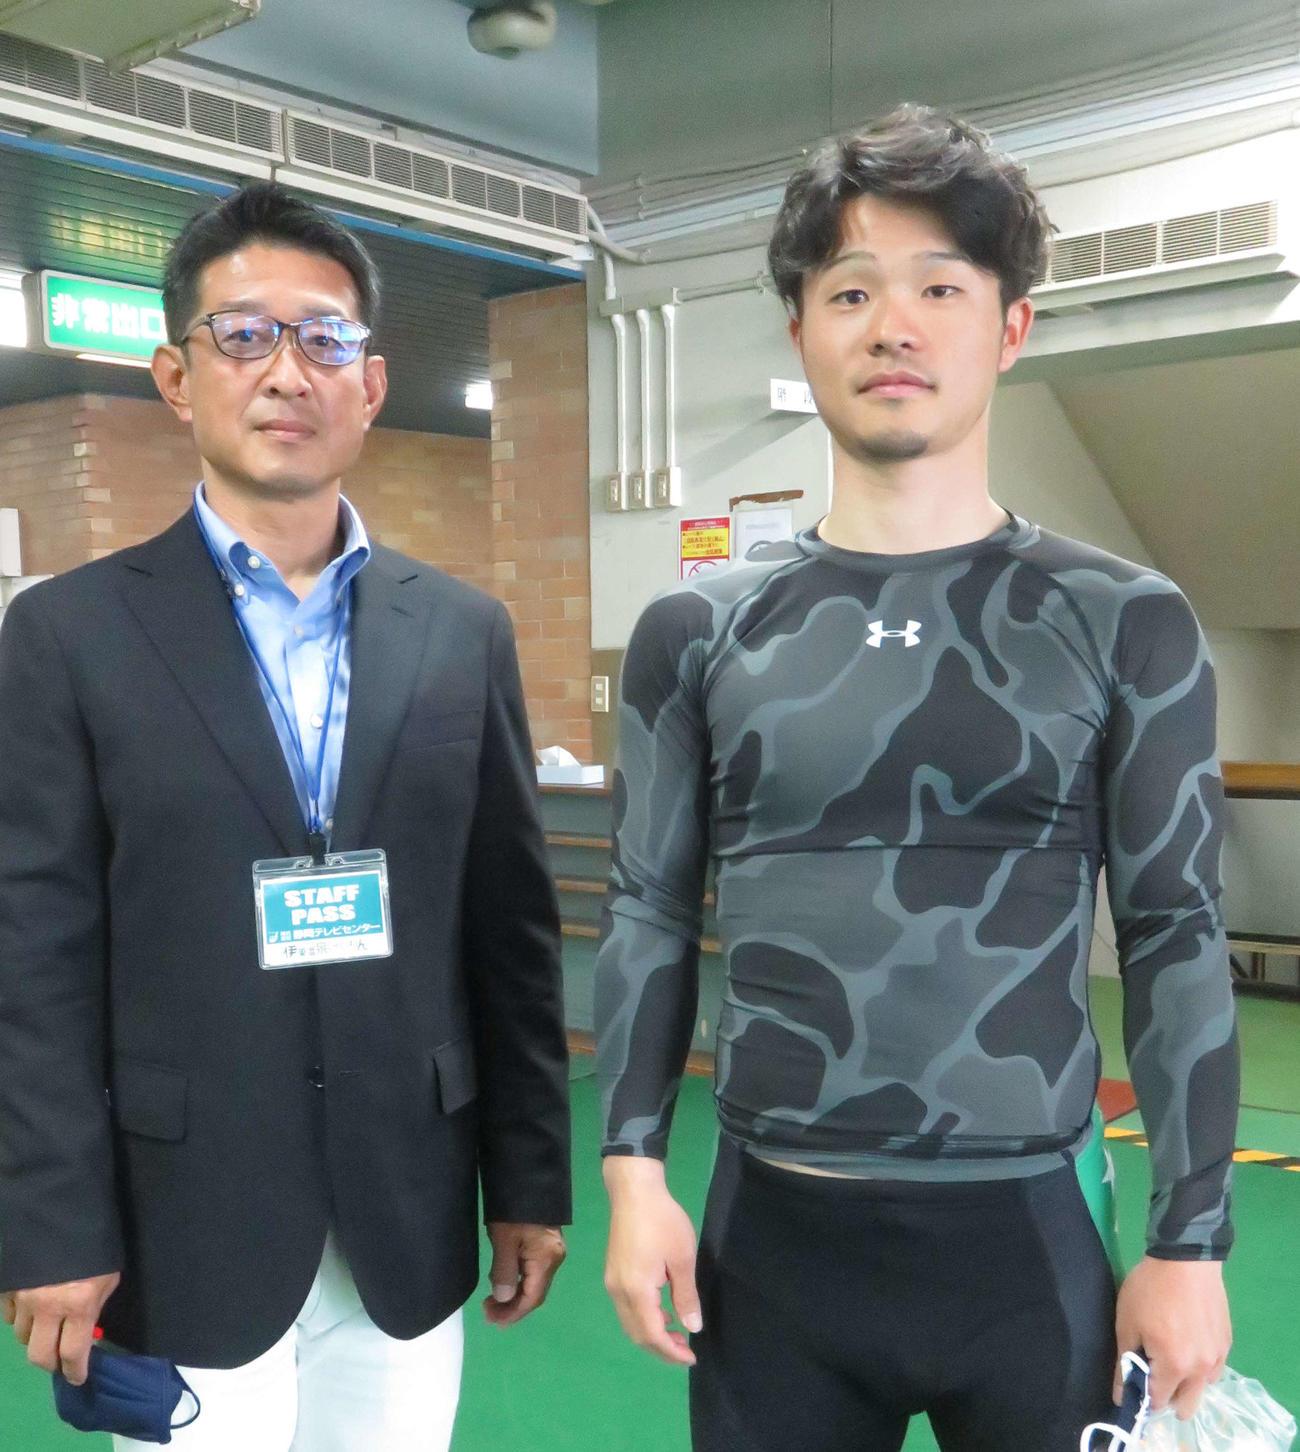 道場晃規(右)が師匠で解説者に転身した金川光浩氏とツーショット(撮影・野島成浩)